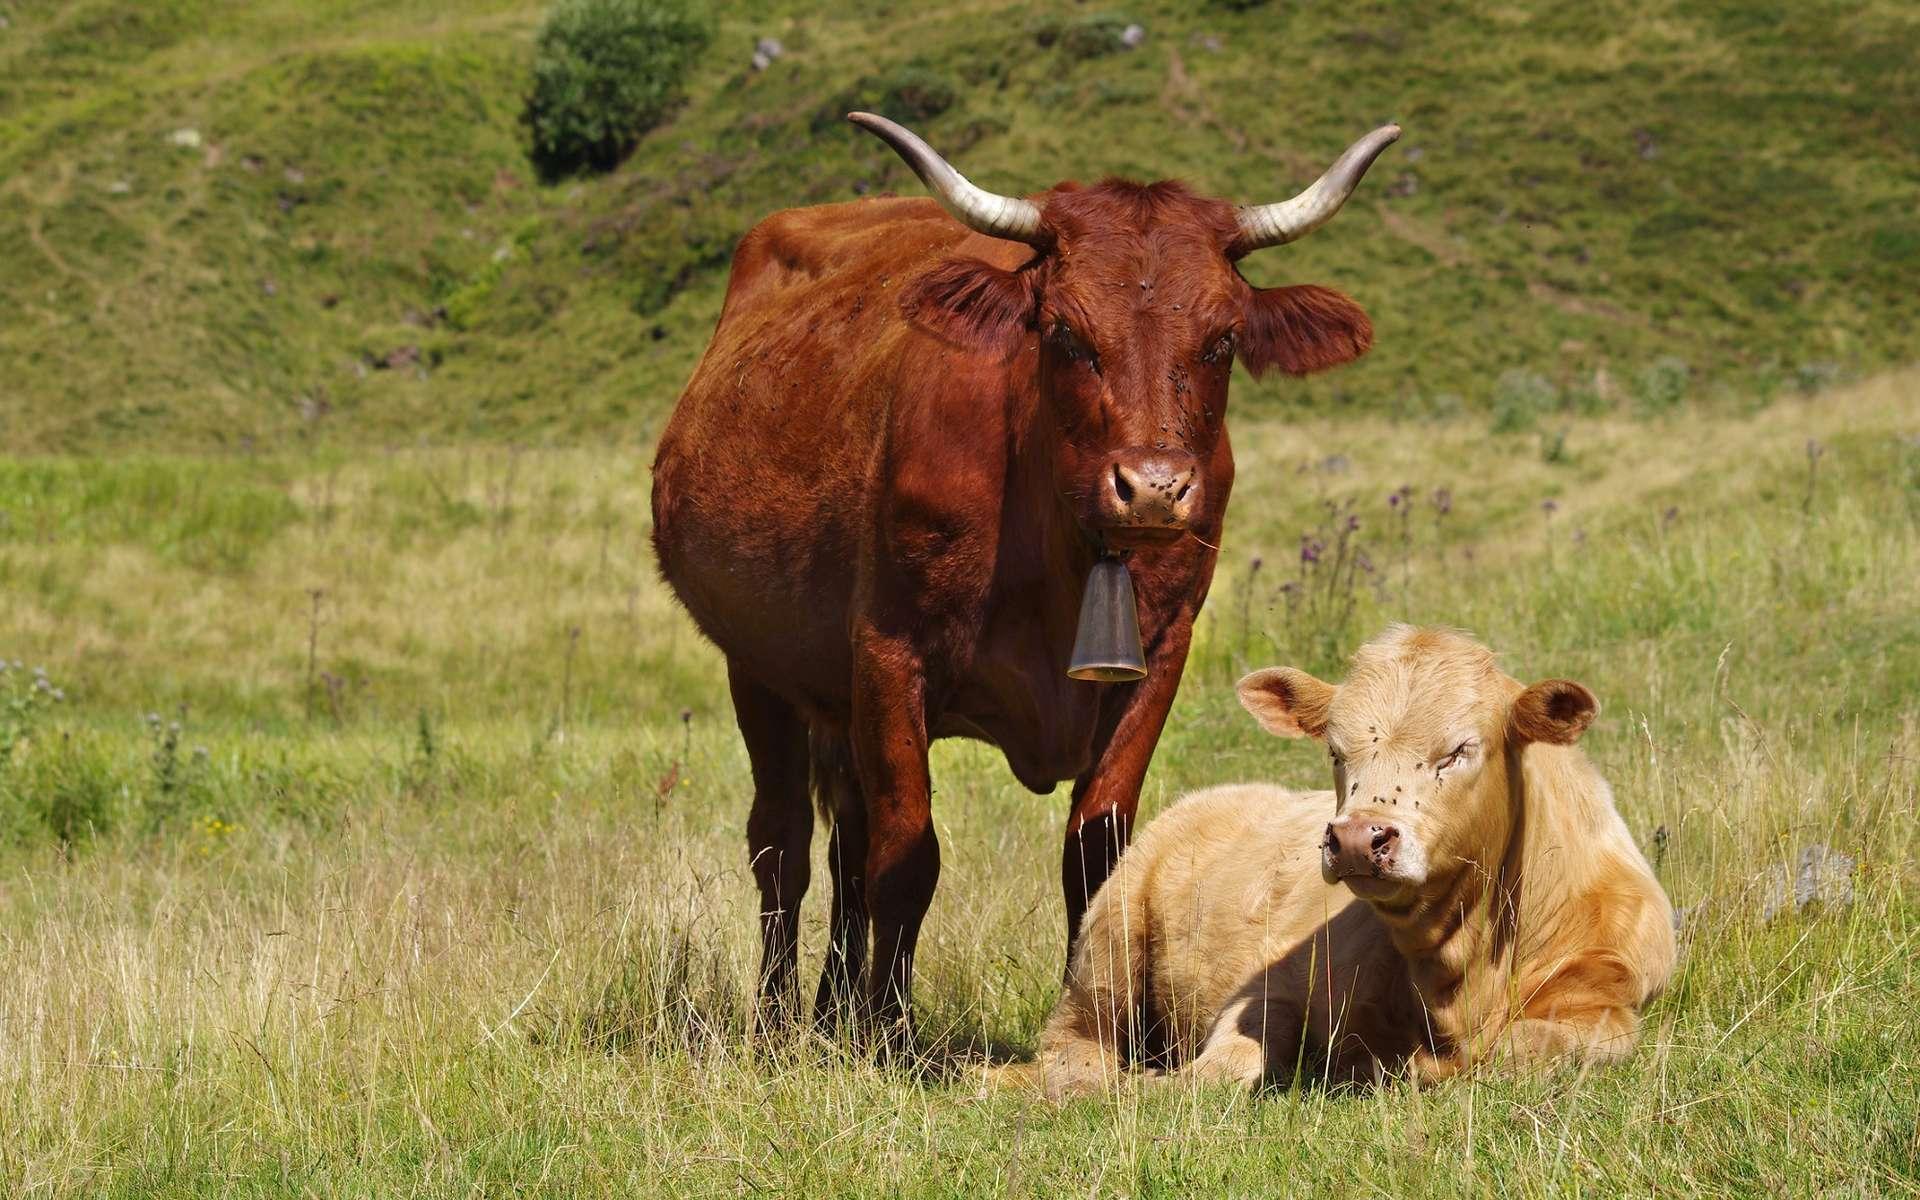 Le cas de vache folle dans les Ardennes est confirmé par le ministère de l'Agriculture. La vache décédée était une Salers, une vache auvergnate au poil acajou. © Fabien Monteil, Shutterstock